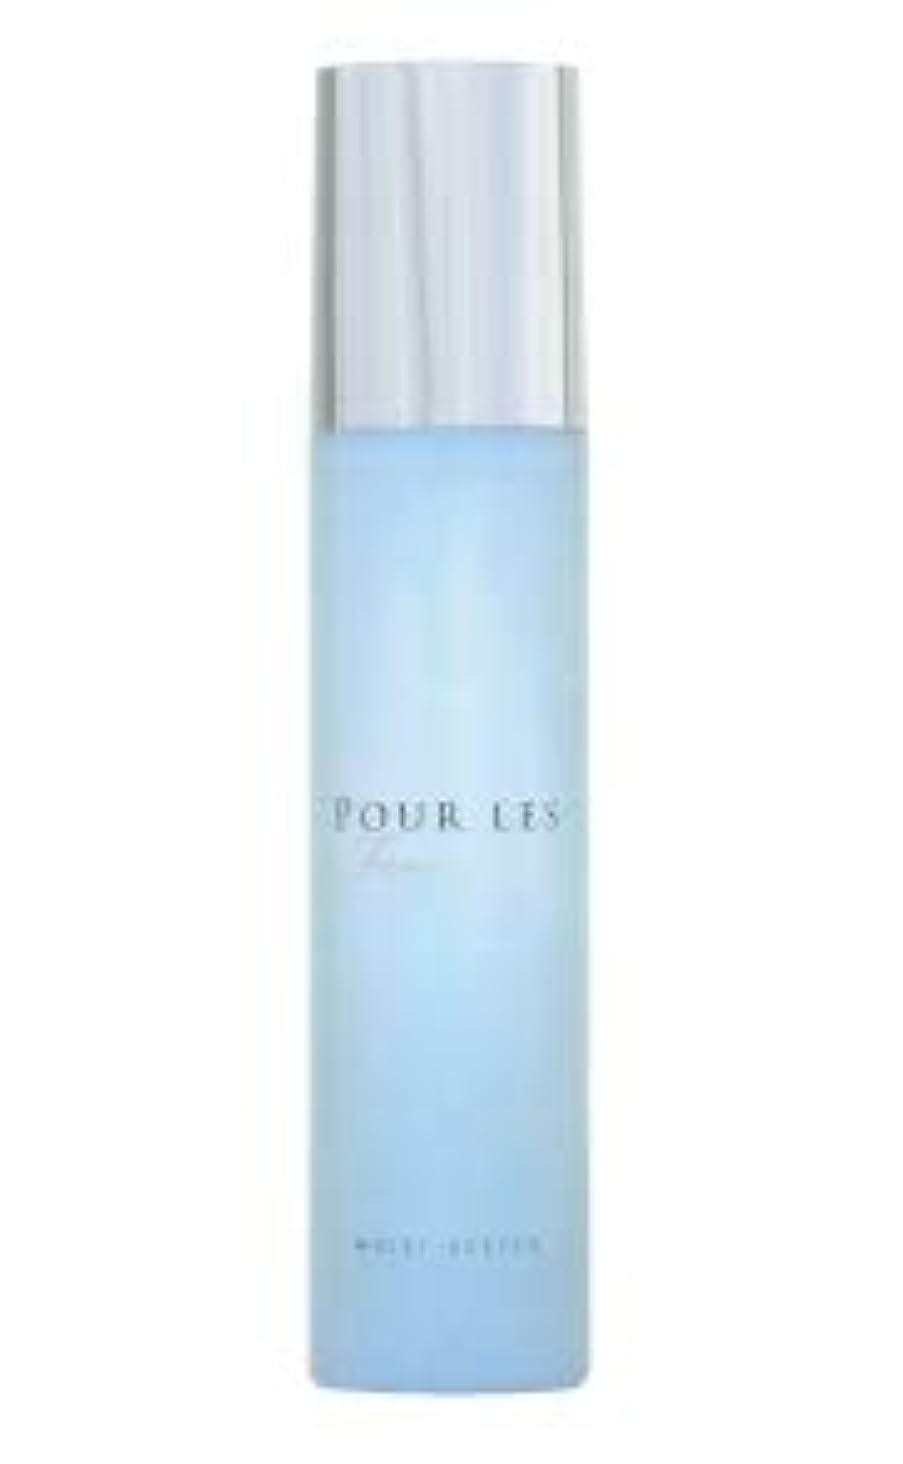 販売計画モック火山のUTP ポレファム モイストキーパー (化粧水) 150ml